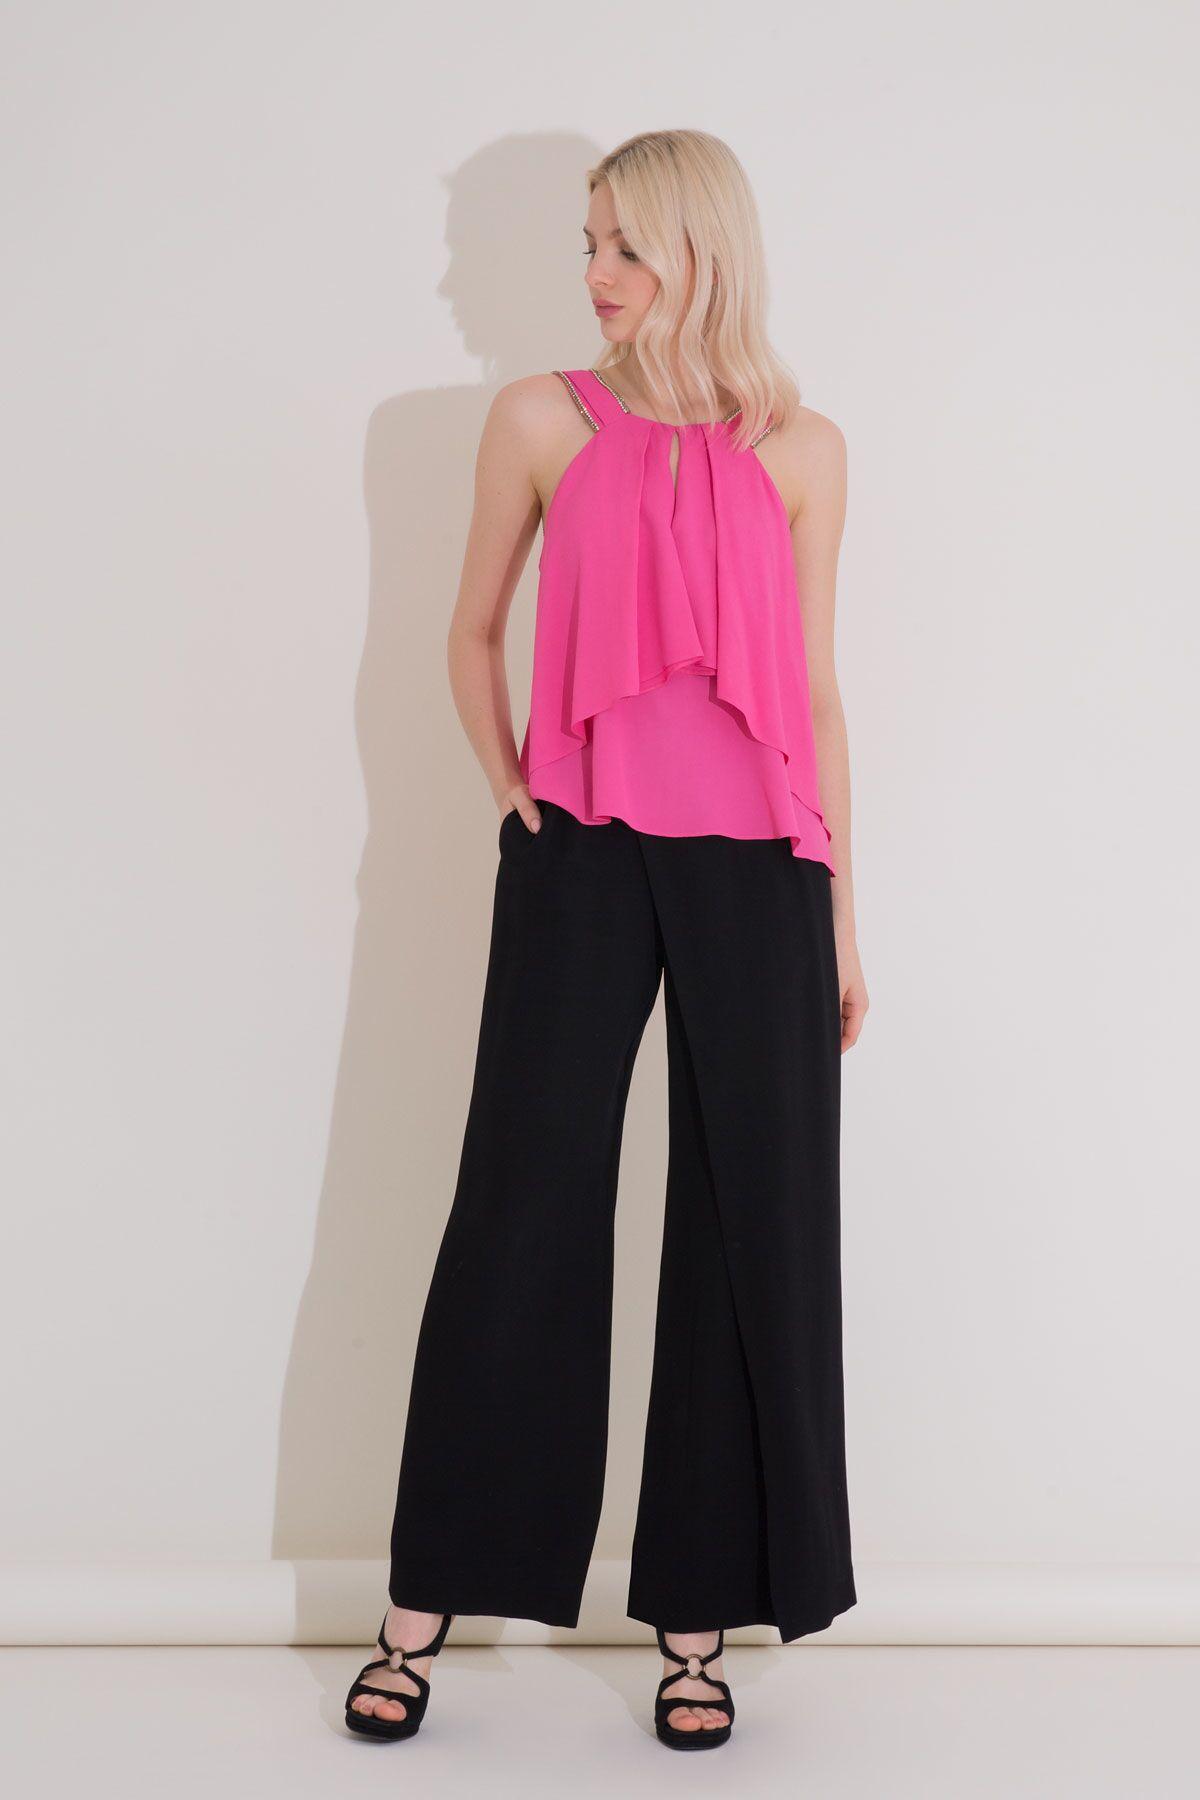 Yüksek Bel Yırtmaçlı Siyah Krep Kumaş Pantolon